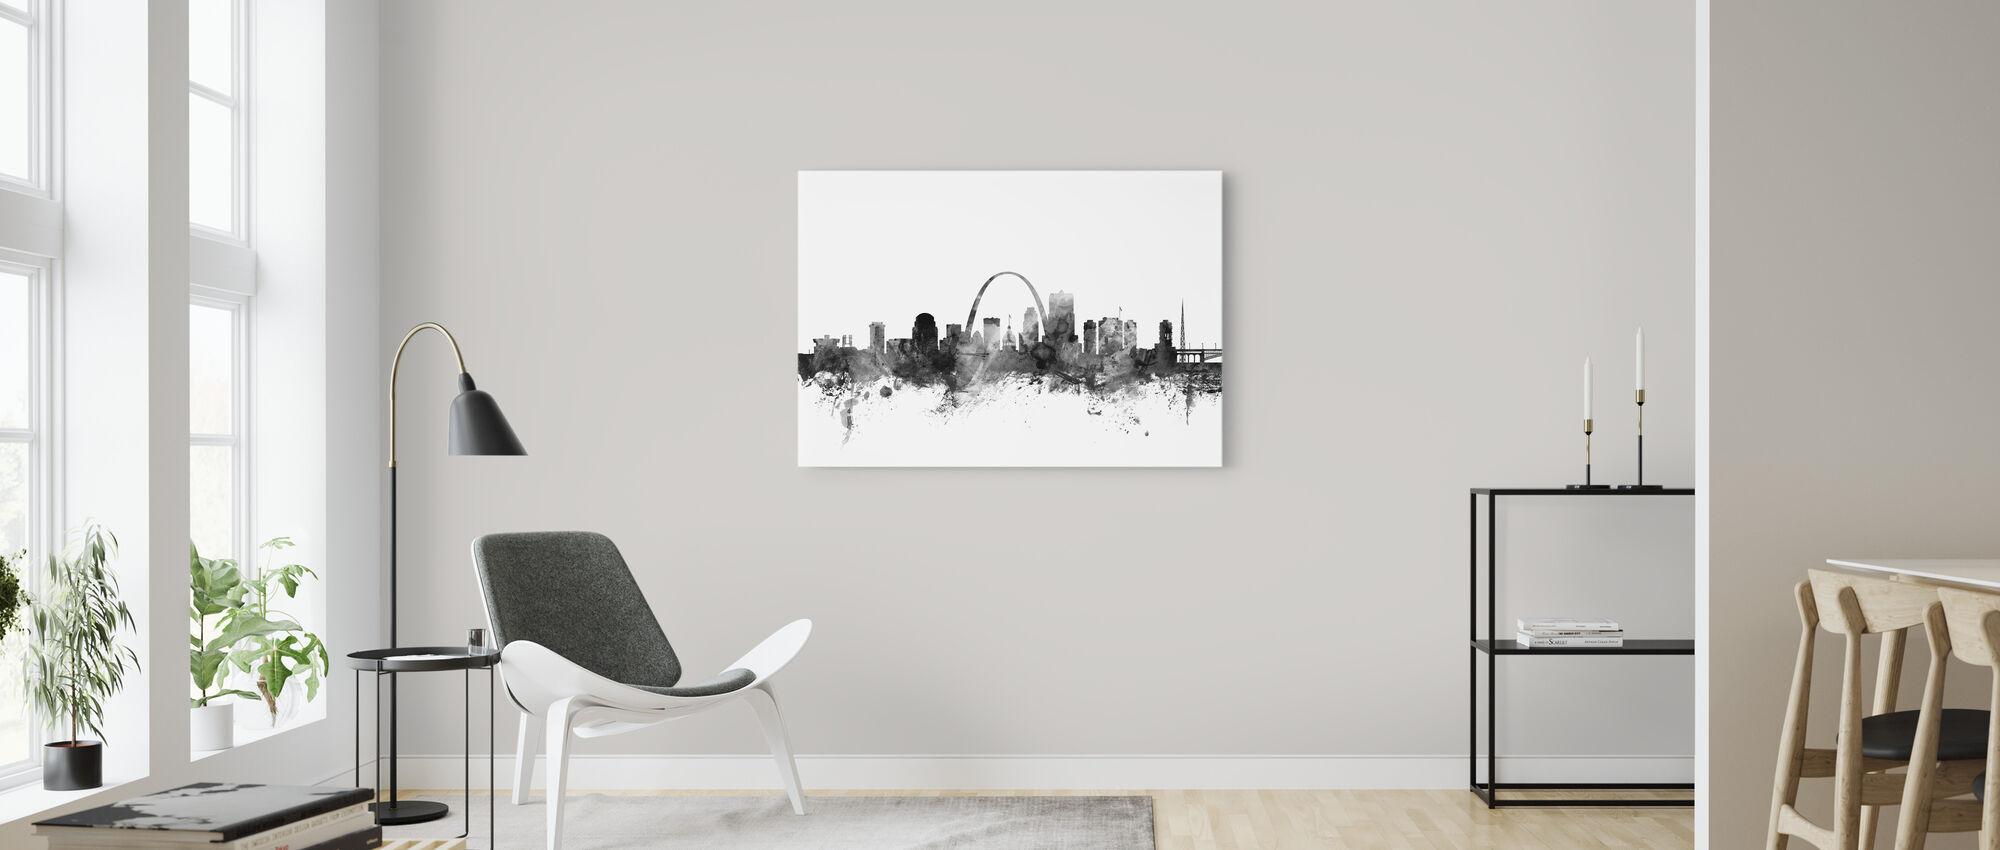 St Louis Missouri Skyline Black - Canvas print - Living Room